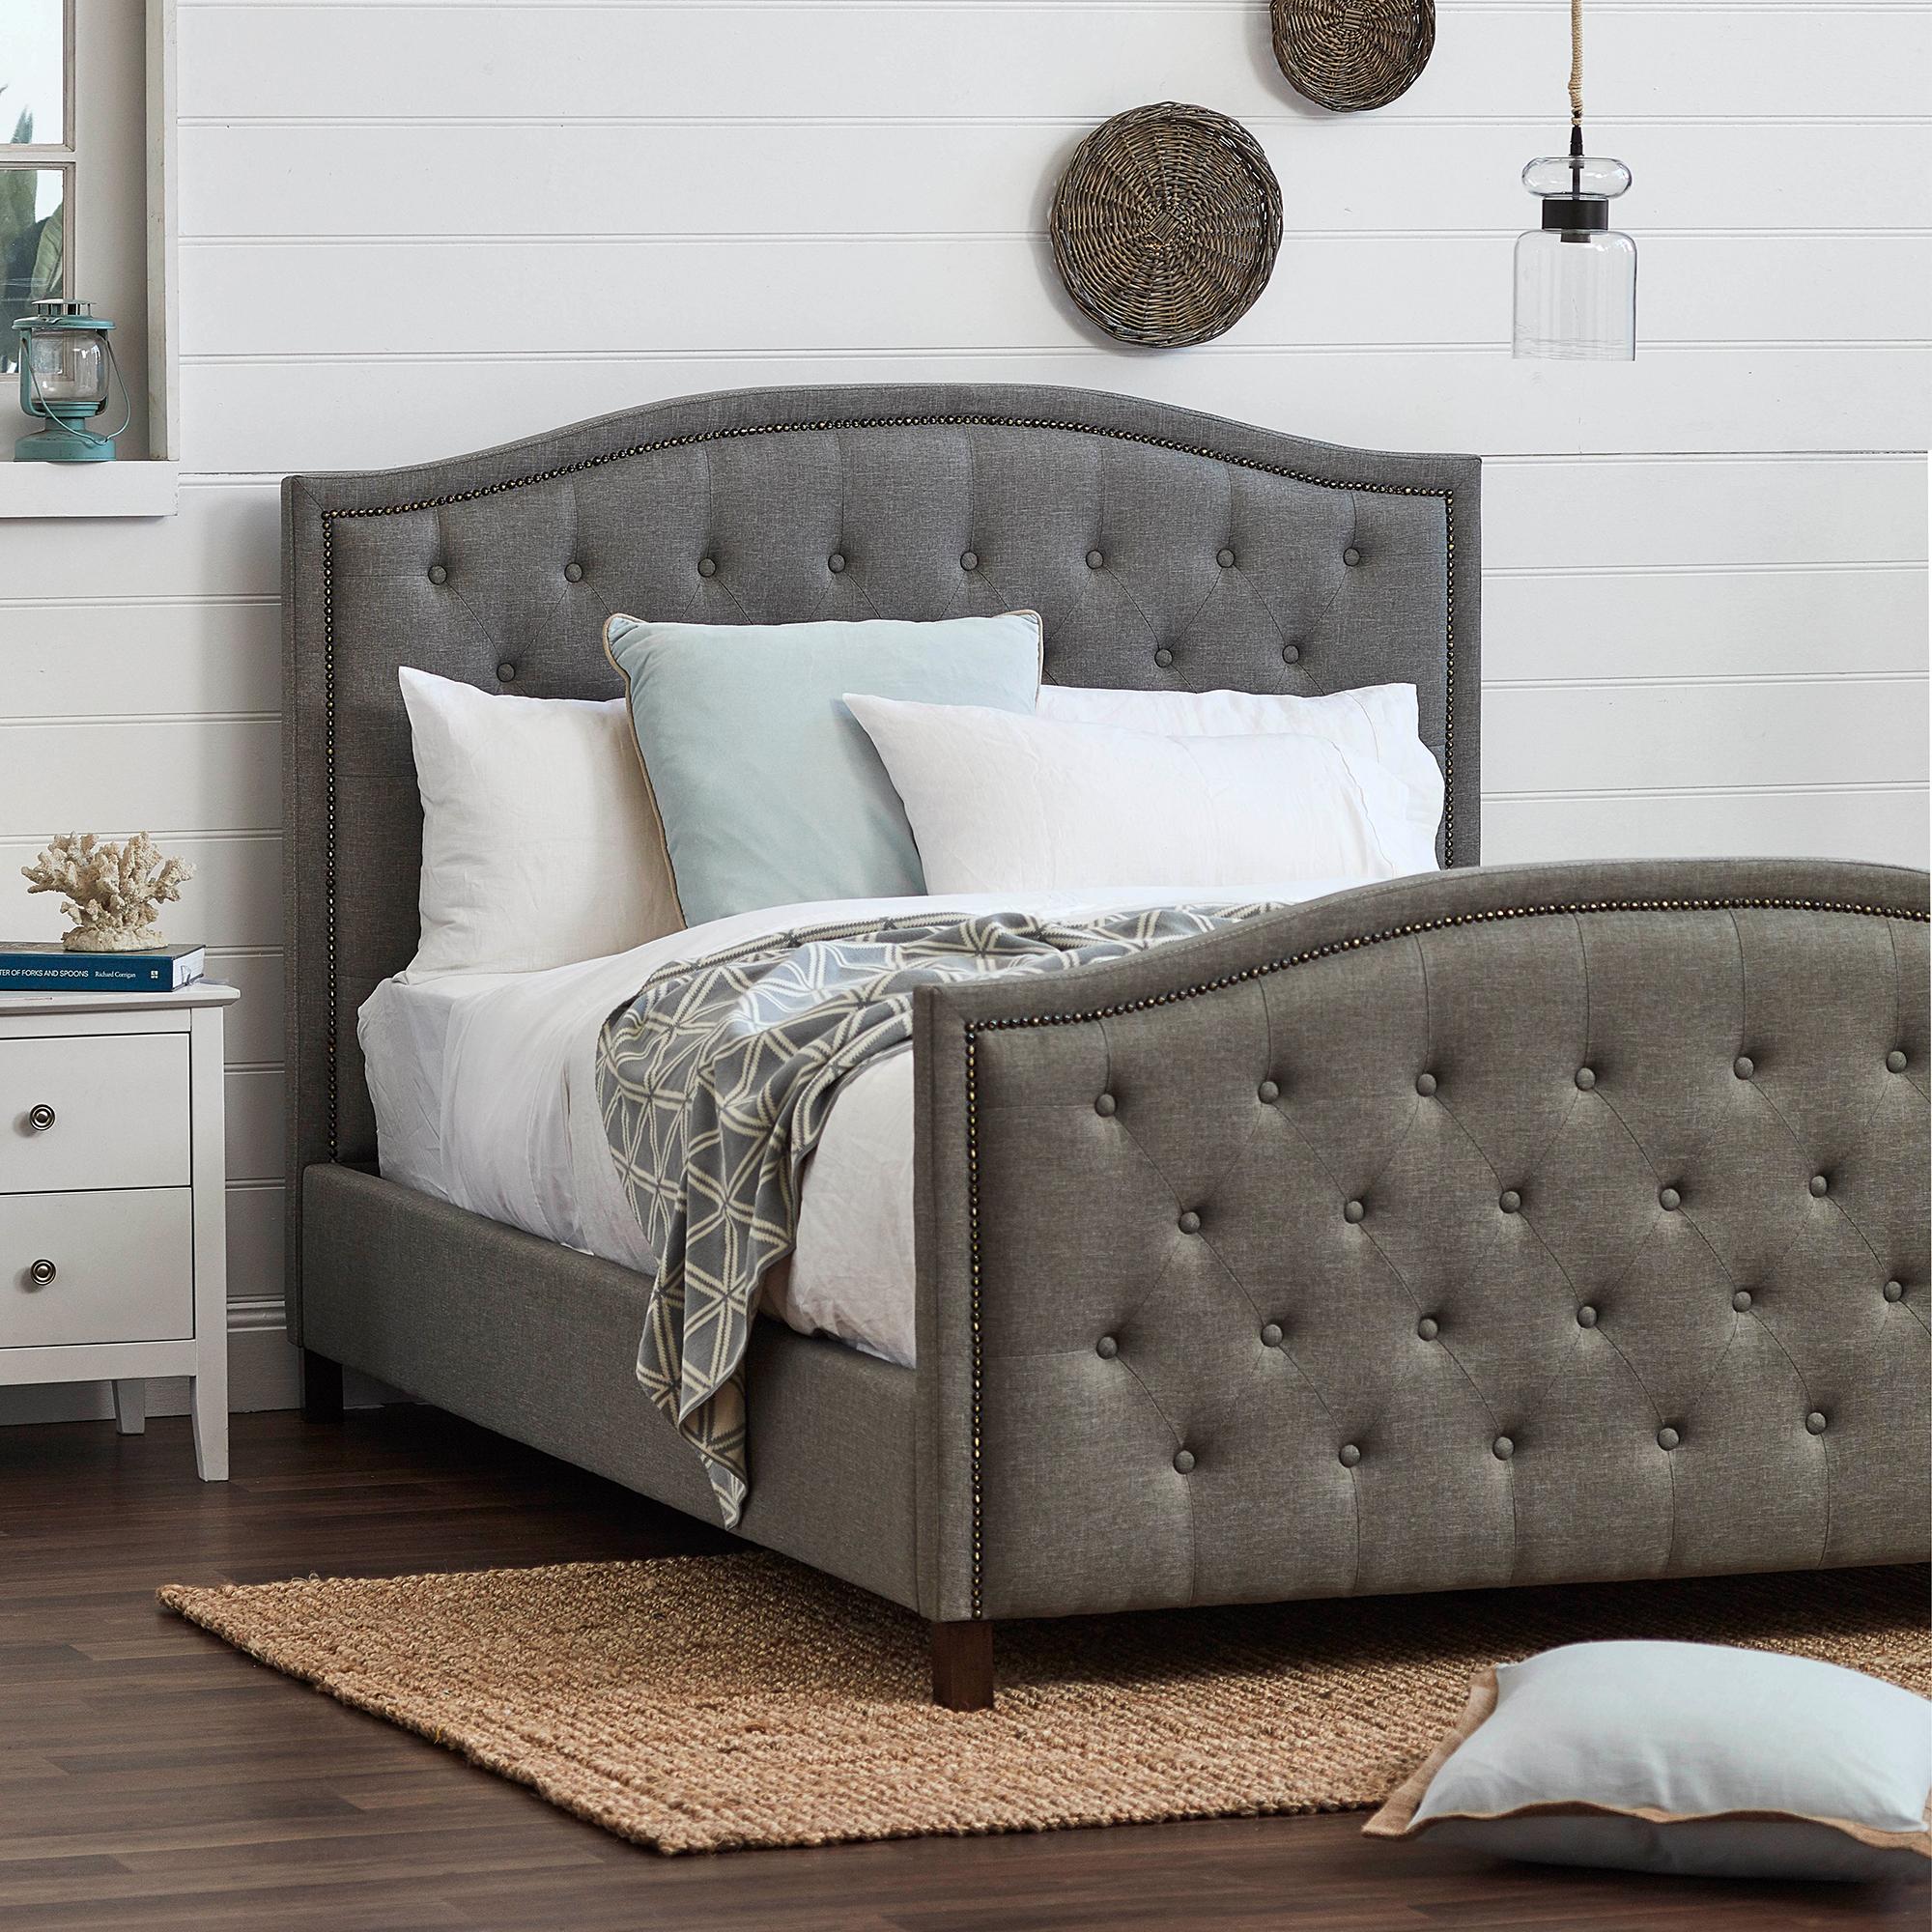 NEW Light Grey Luxury Aurora Queen Bed Frame